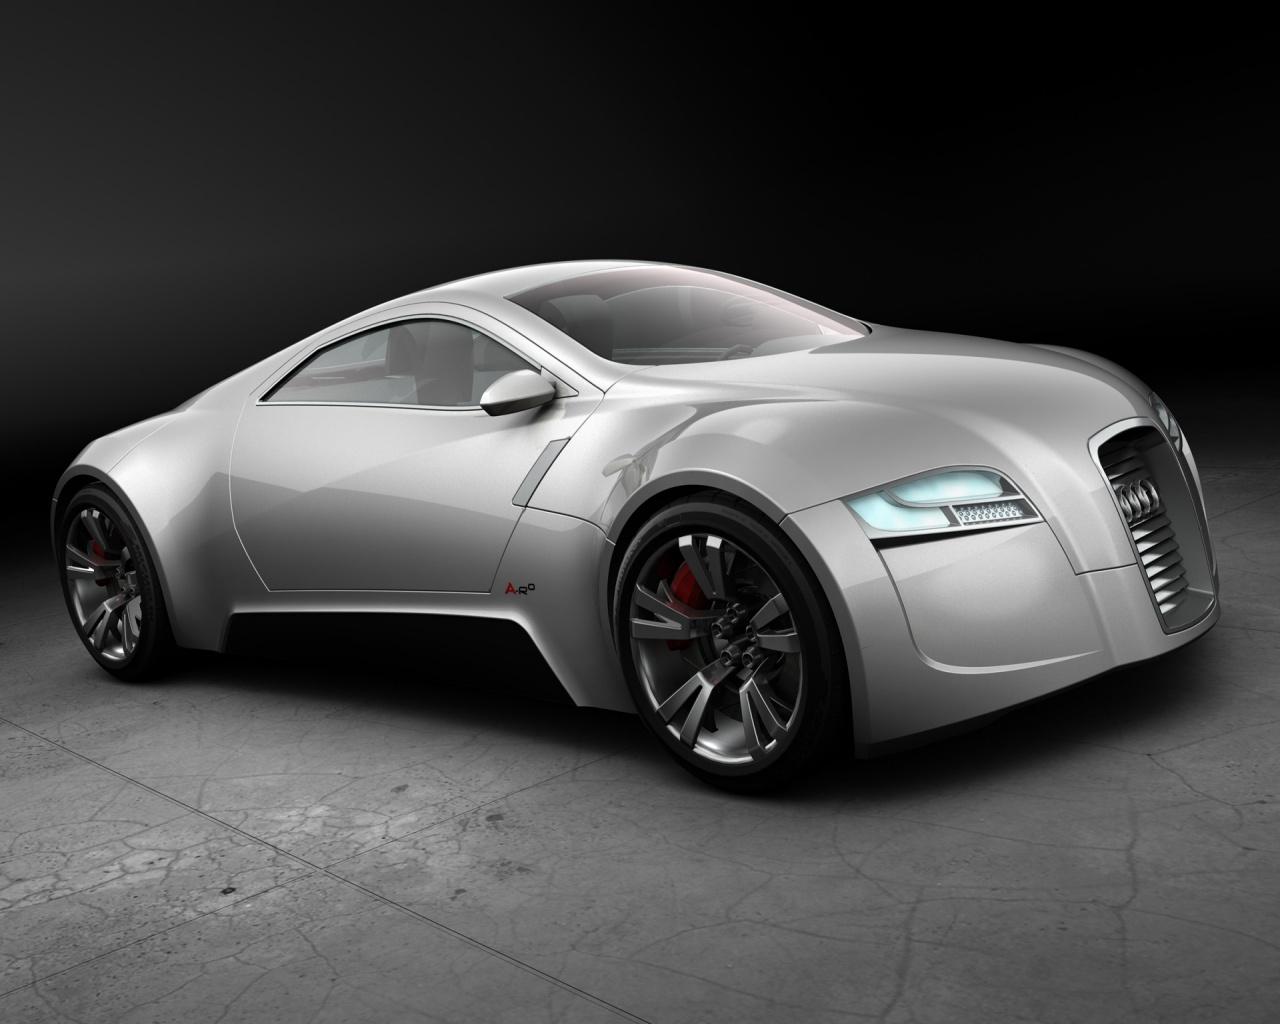 Audi Super Concept Car Wallpapers HD Wallpapers 1280x1024